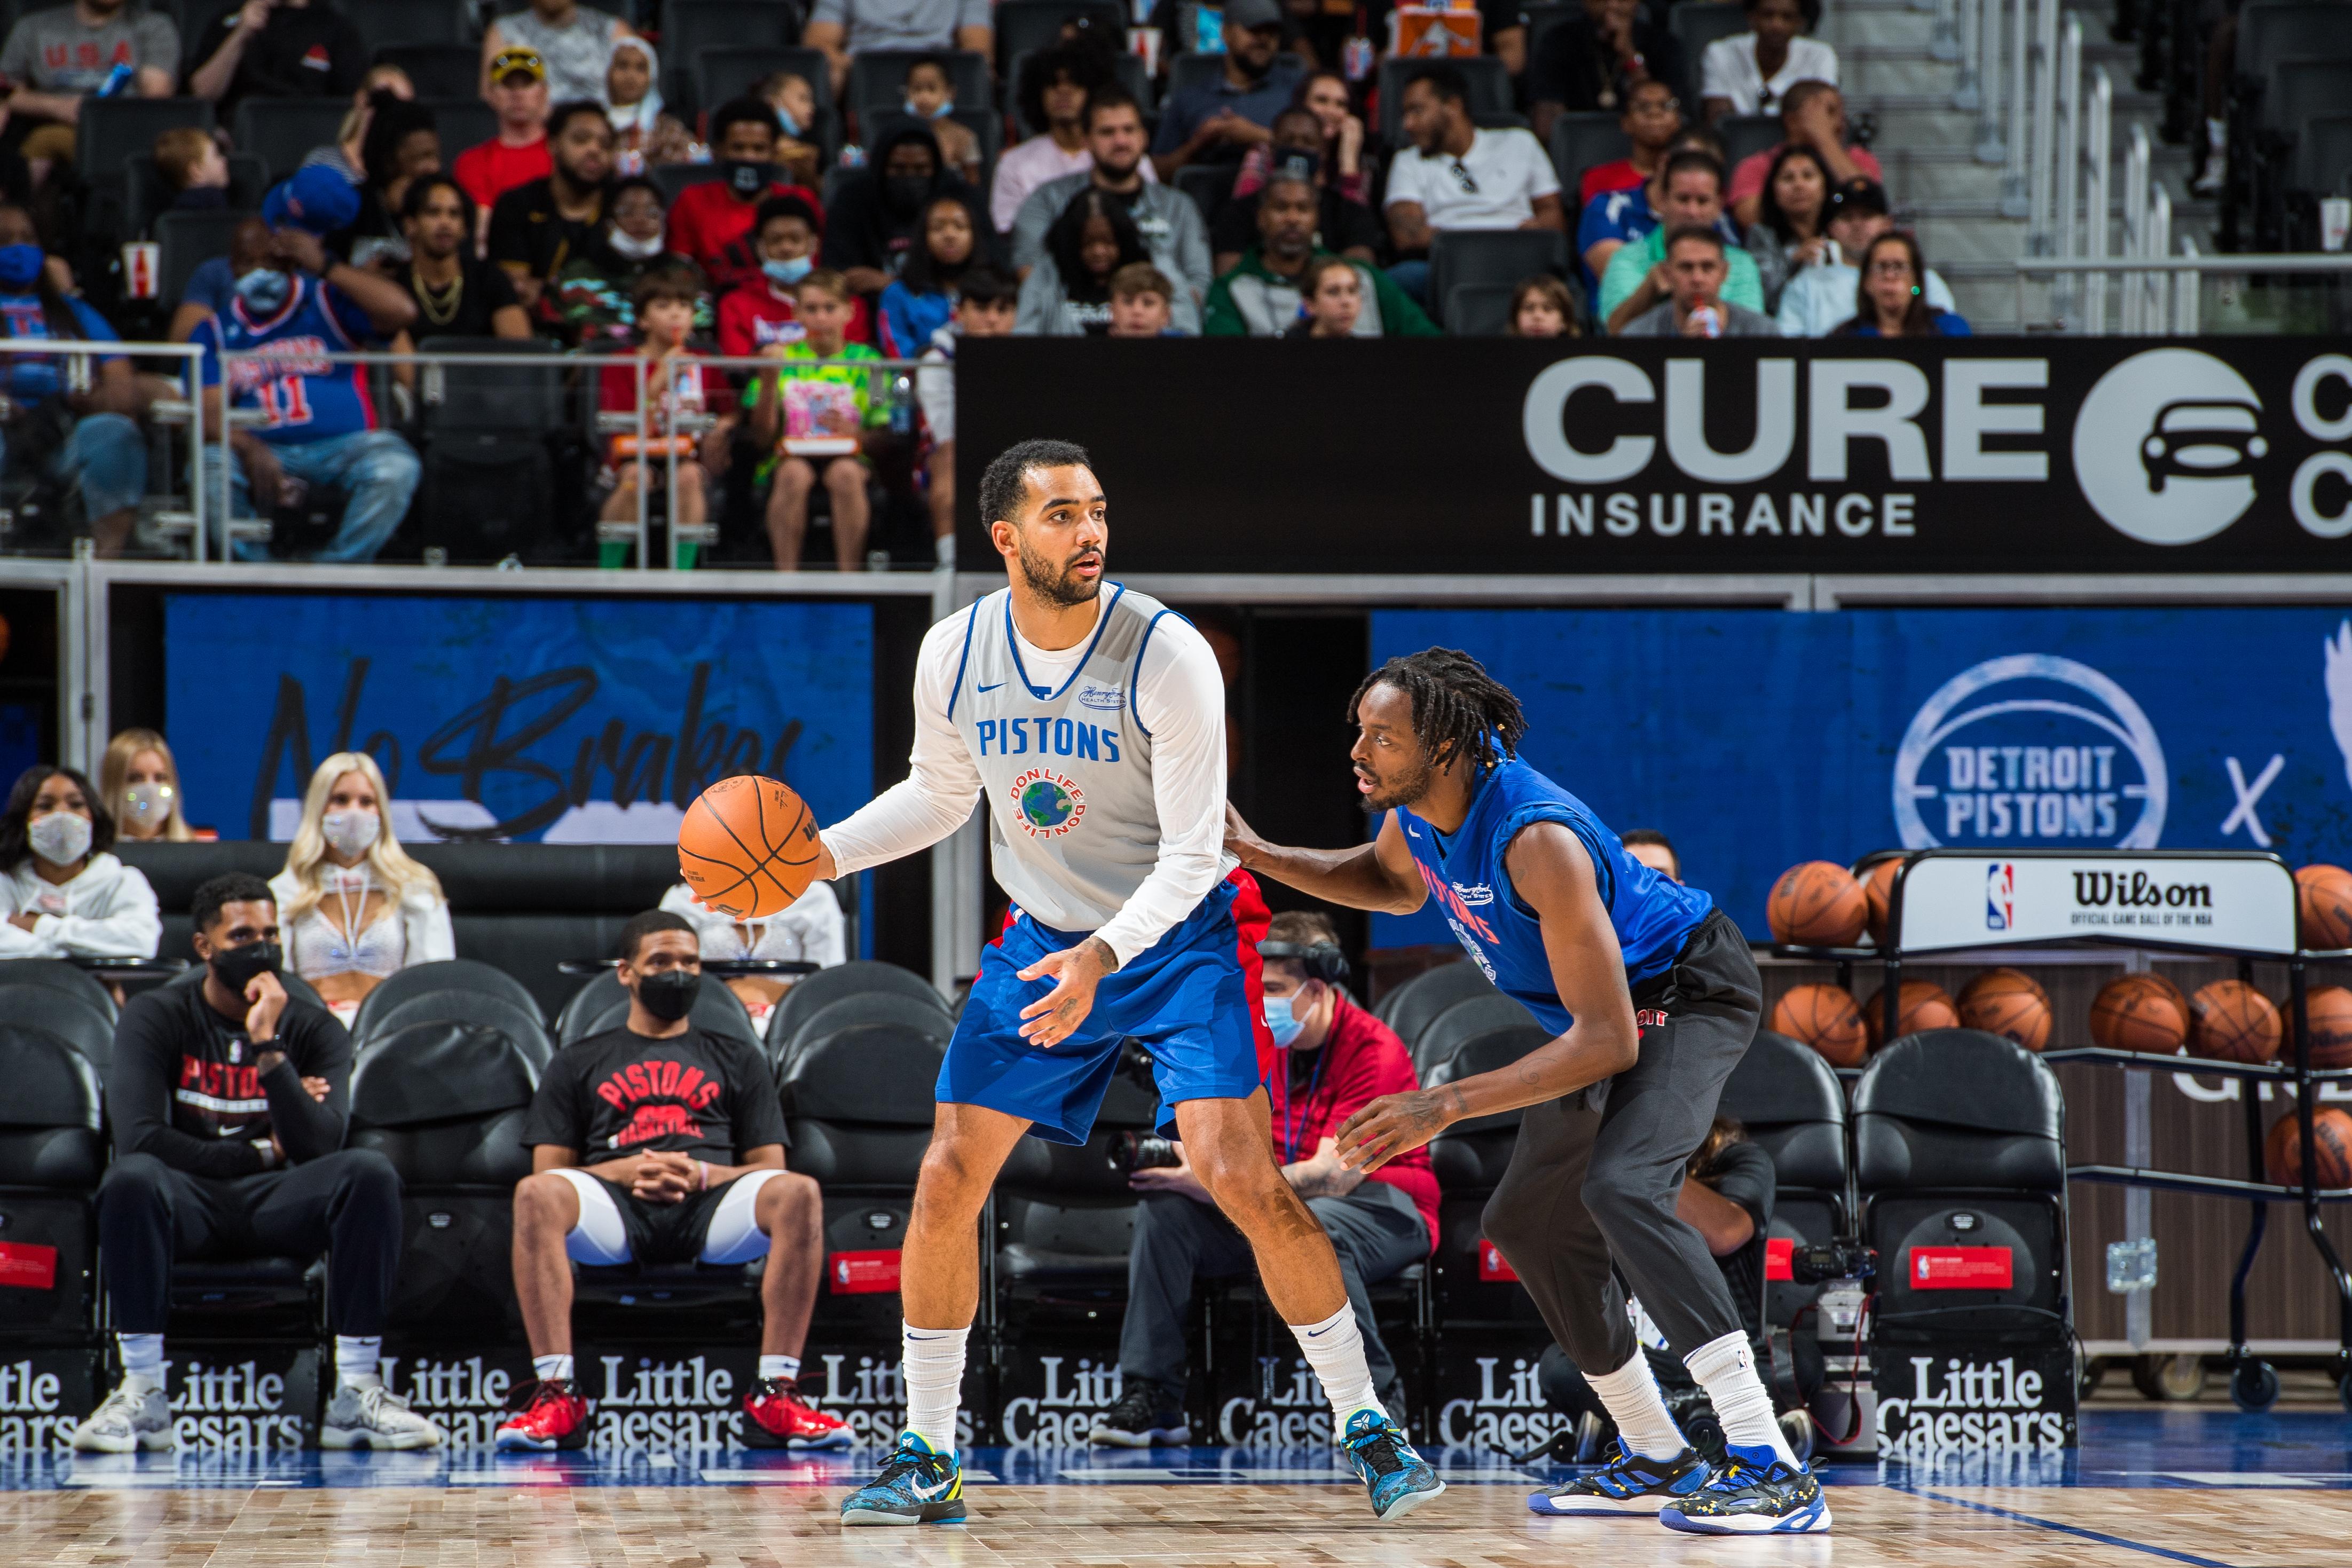 Detroit Pistons Open Practice